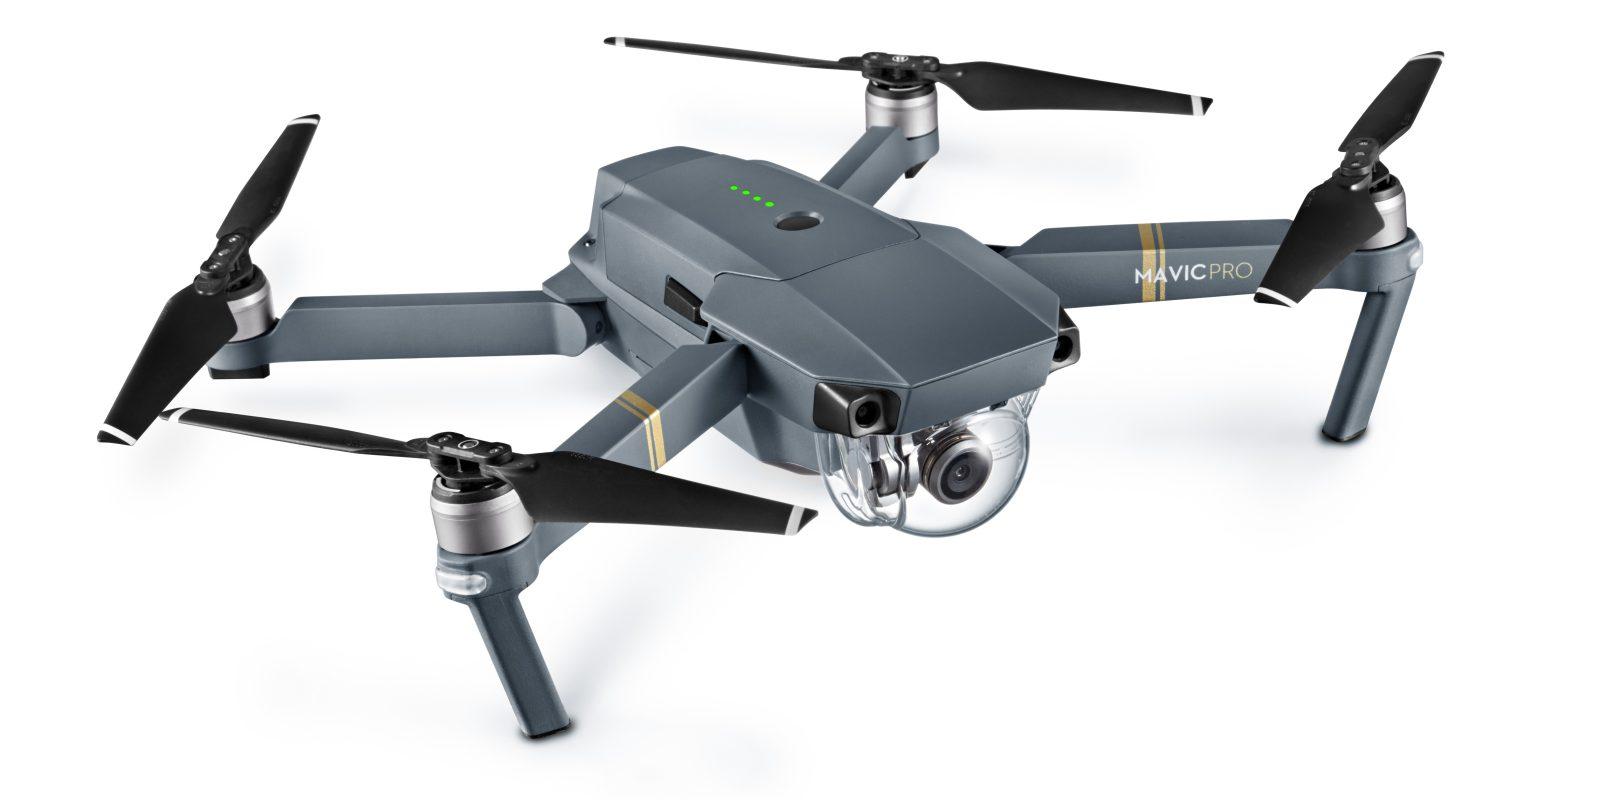 купить дрон с камерой в минске